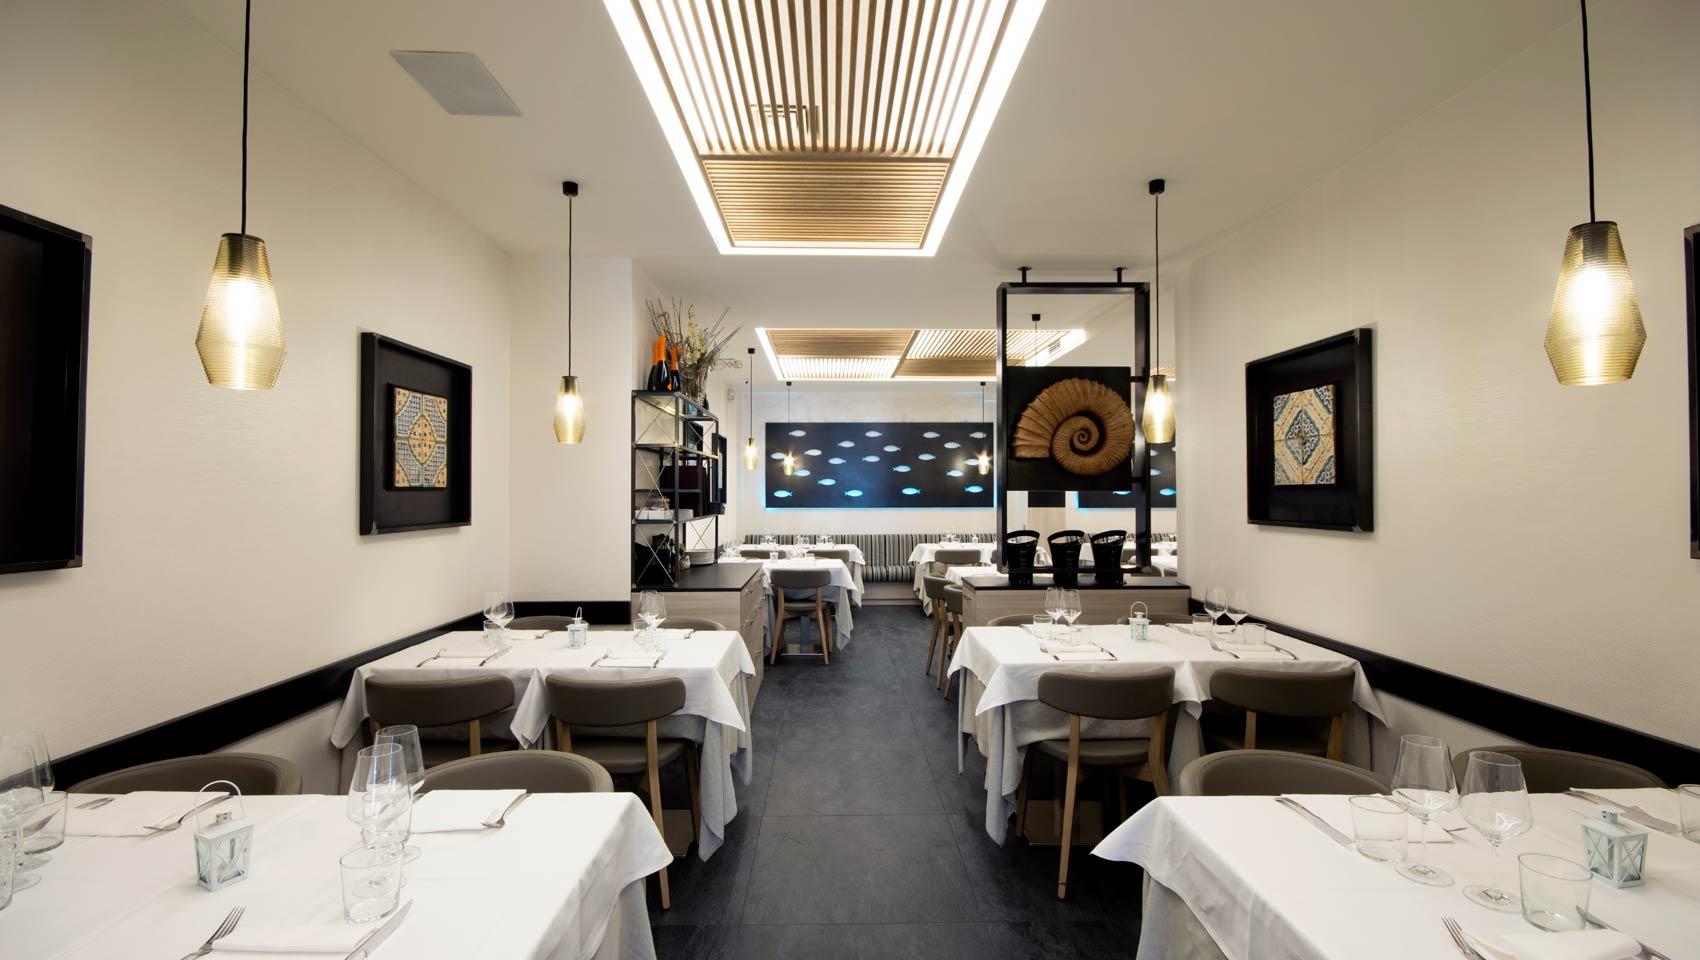 Ristorante Di Pesce Milano Da Quasi 50 Anni Cuciniamo Per Voi La